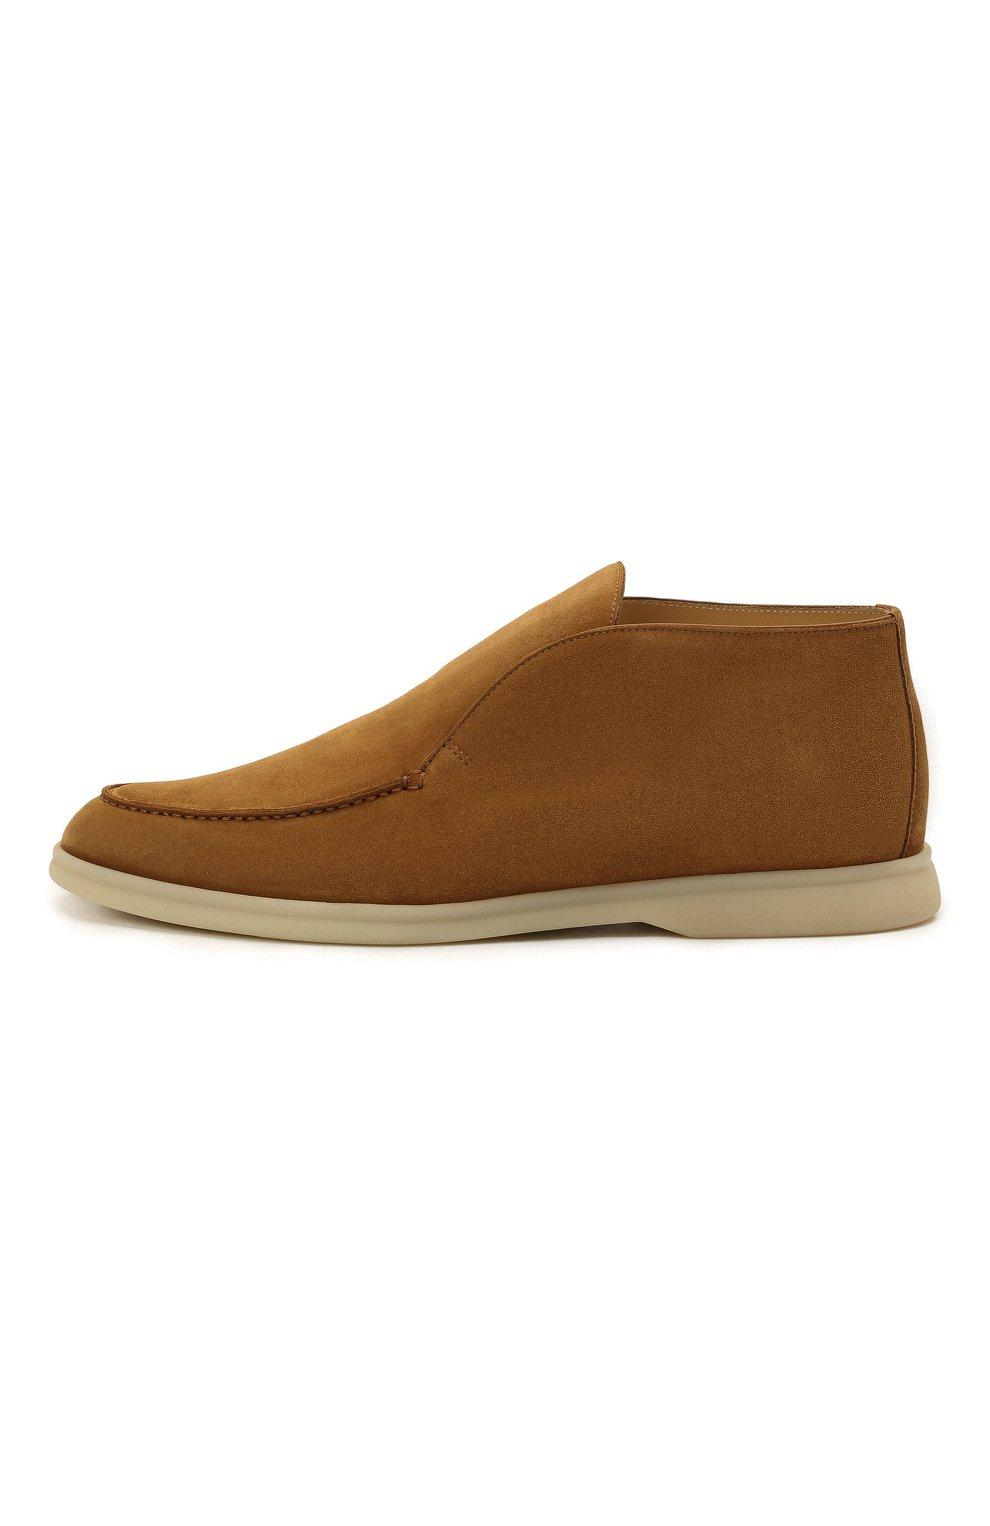 Мужские замшевые ботинки open walk LORO PIANA светло-коричневого цвета, арт. FAB4368 | Фото 4 (Мужское Кросс-КТ: Ботинки-обувь; Материал внутренний: Натуральная кожа; Подошва: Плоская; Материал внешний: Замша)